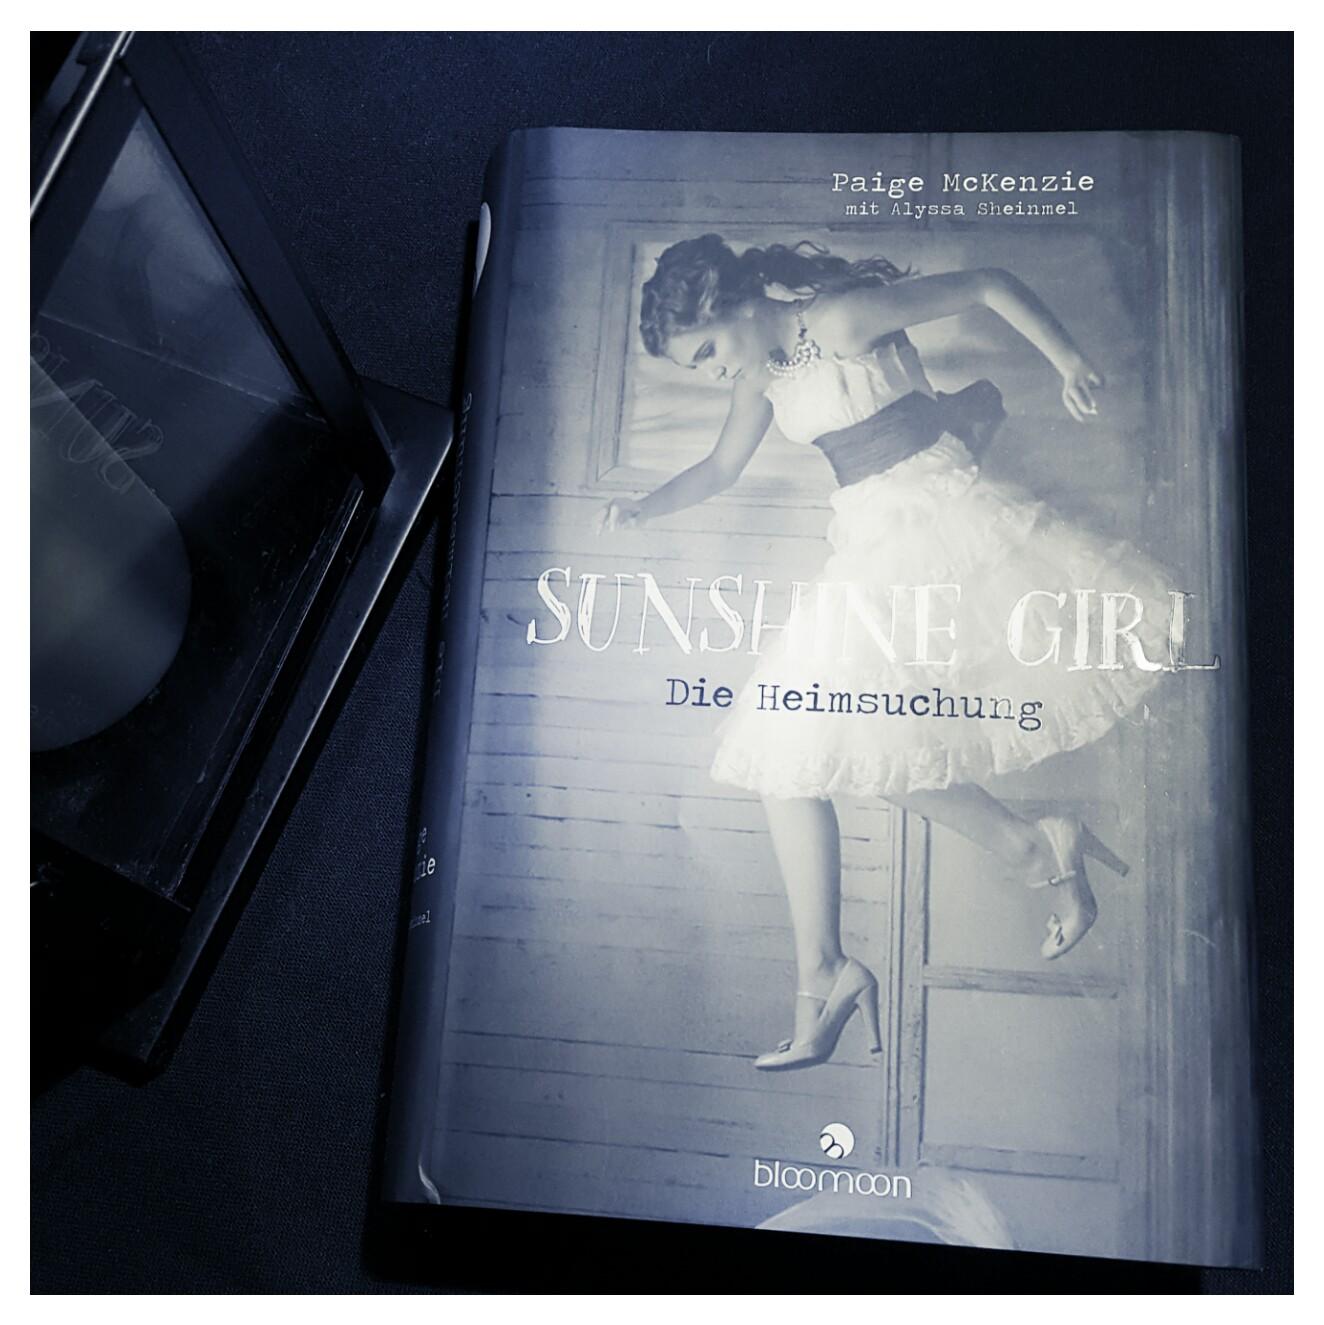 [Rezension] Paige McKenzie (mit A. Sheinmel) – Sunshine Girl. Die Heimsuchung